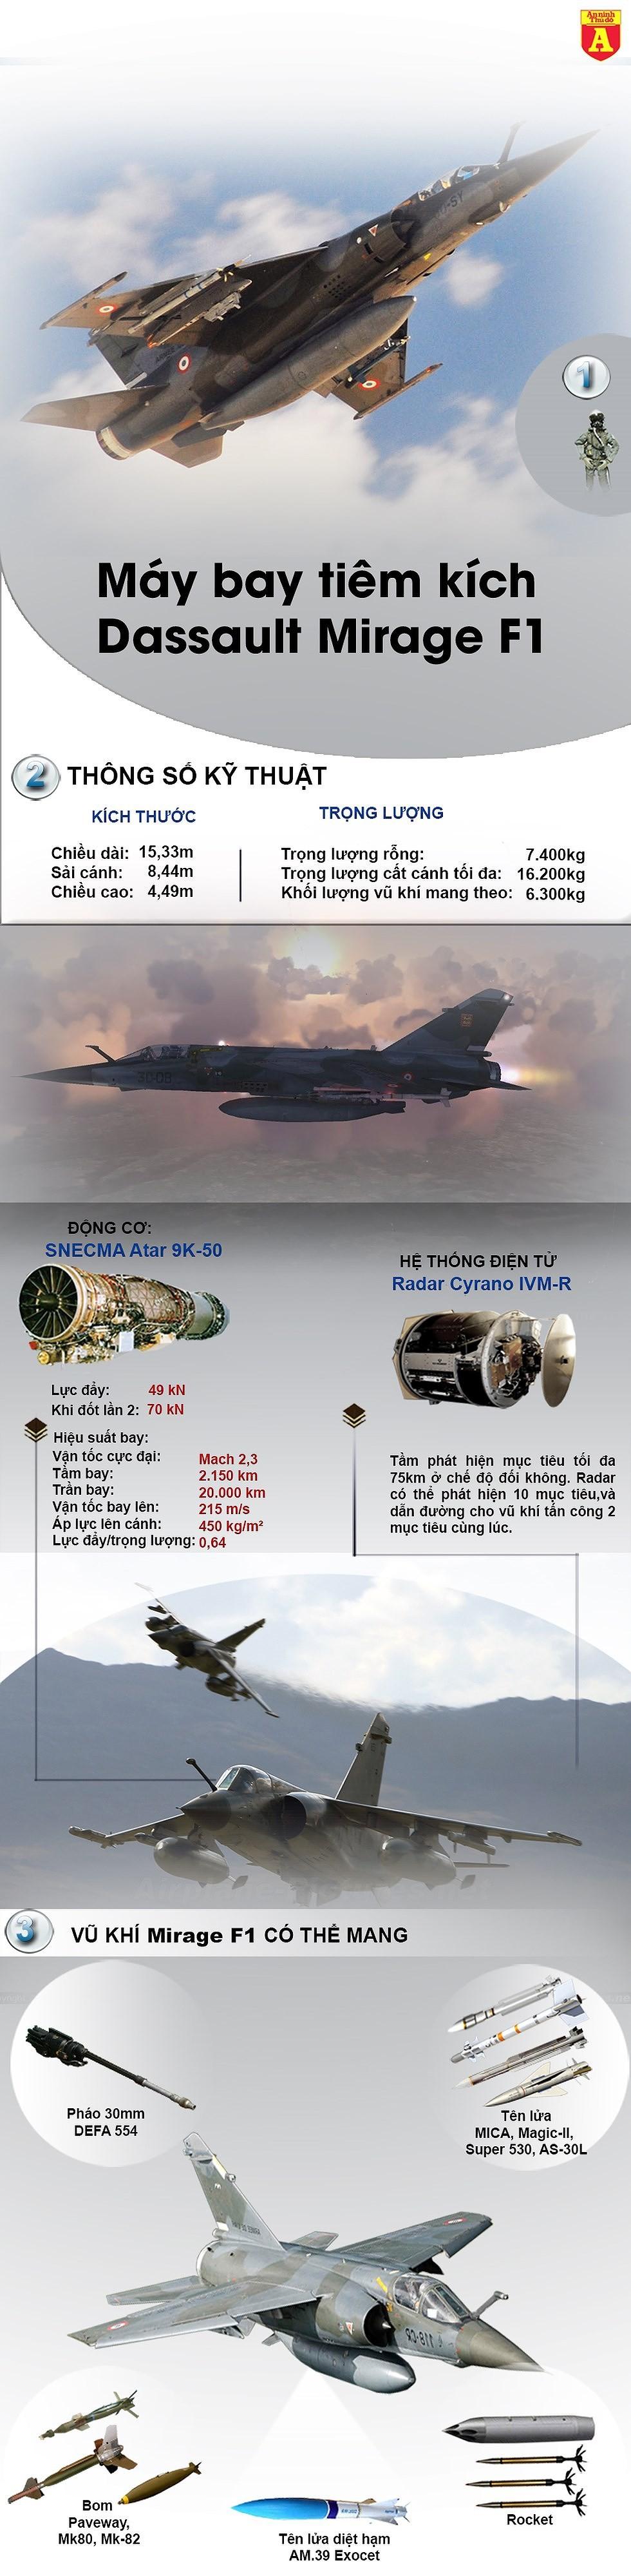 [Info] Bất ngờ với loại chiến đấu cơ Pháp sản xuất vừa bị bắn cháy tại Lybia ảnh 2